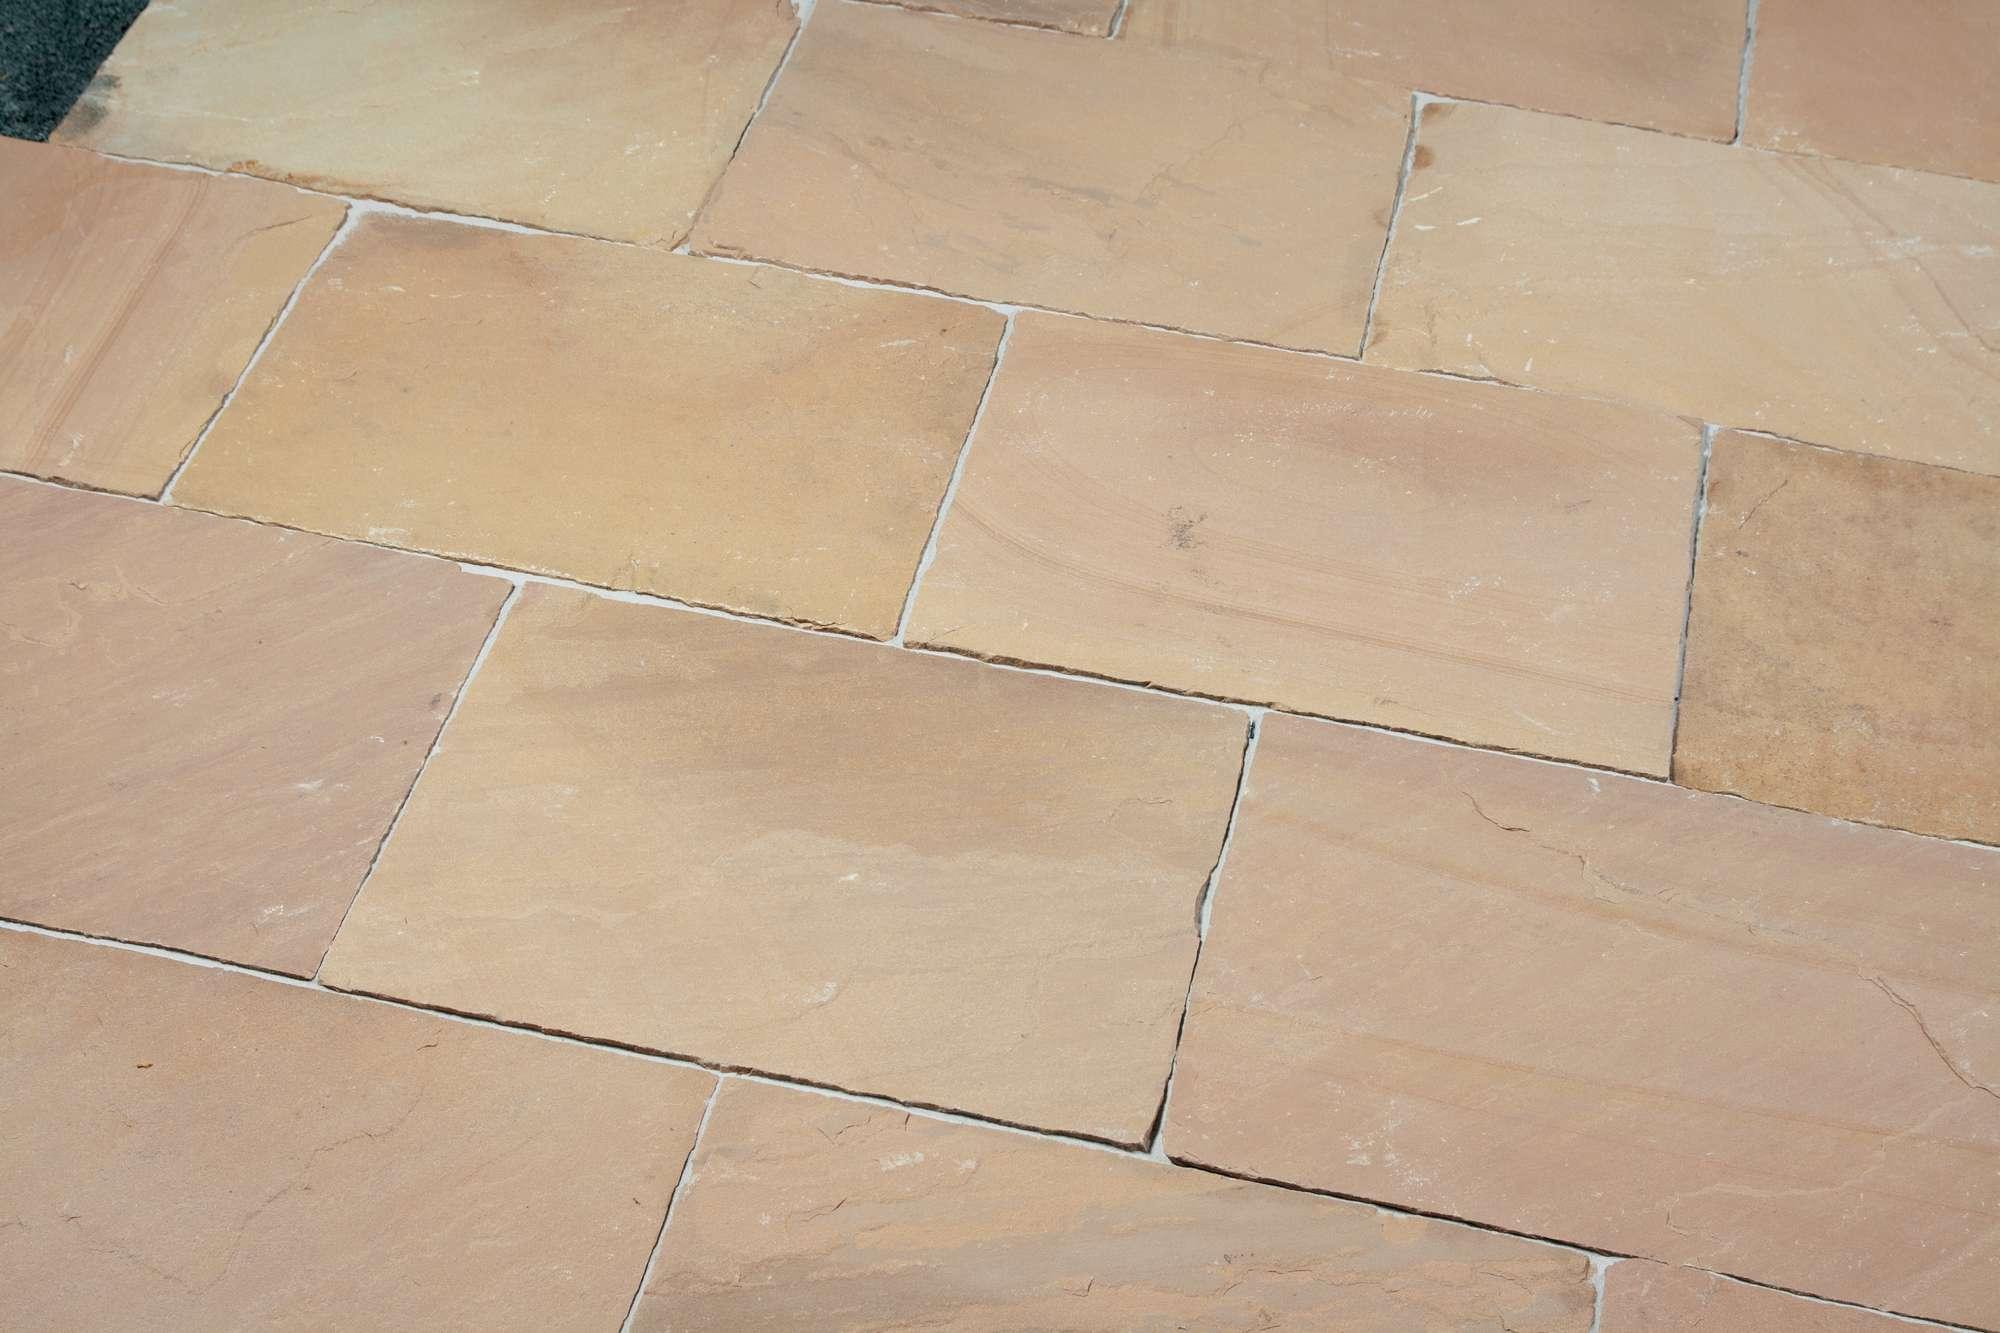 terrassenplatten sandstein mandra spaltrau naturstein. Black Bedroom Furniture Sets. Home Design Ideas